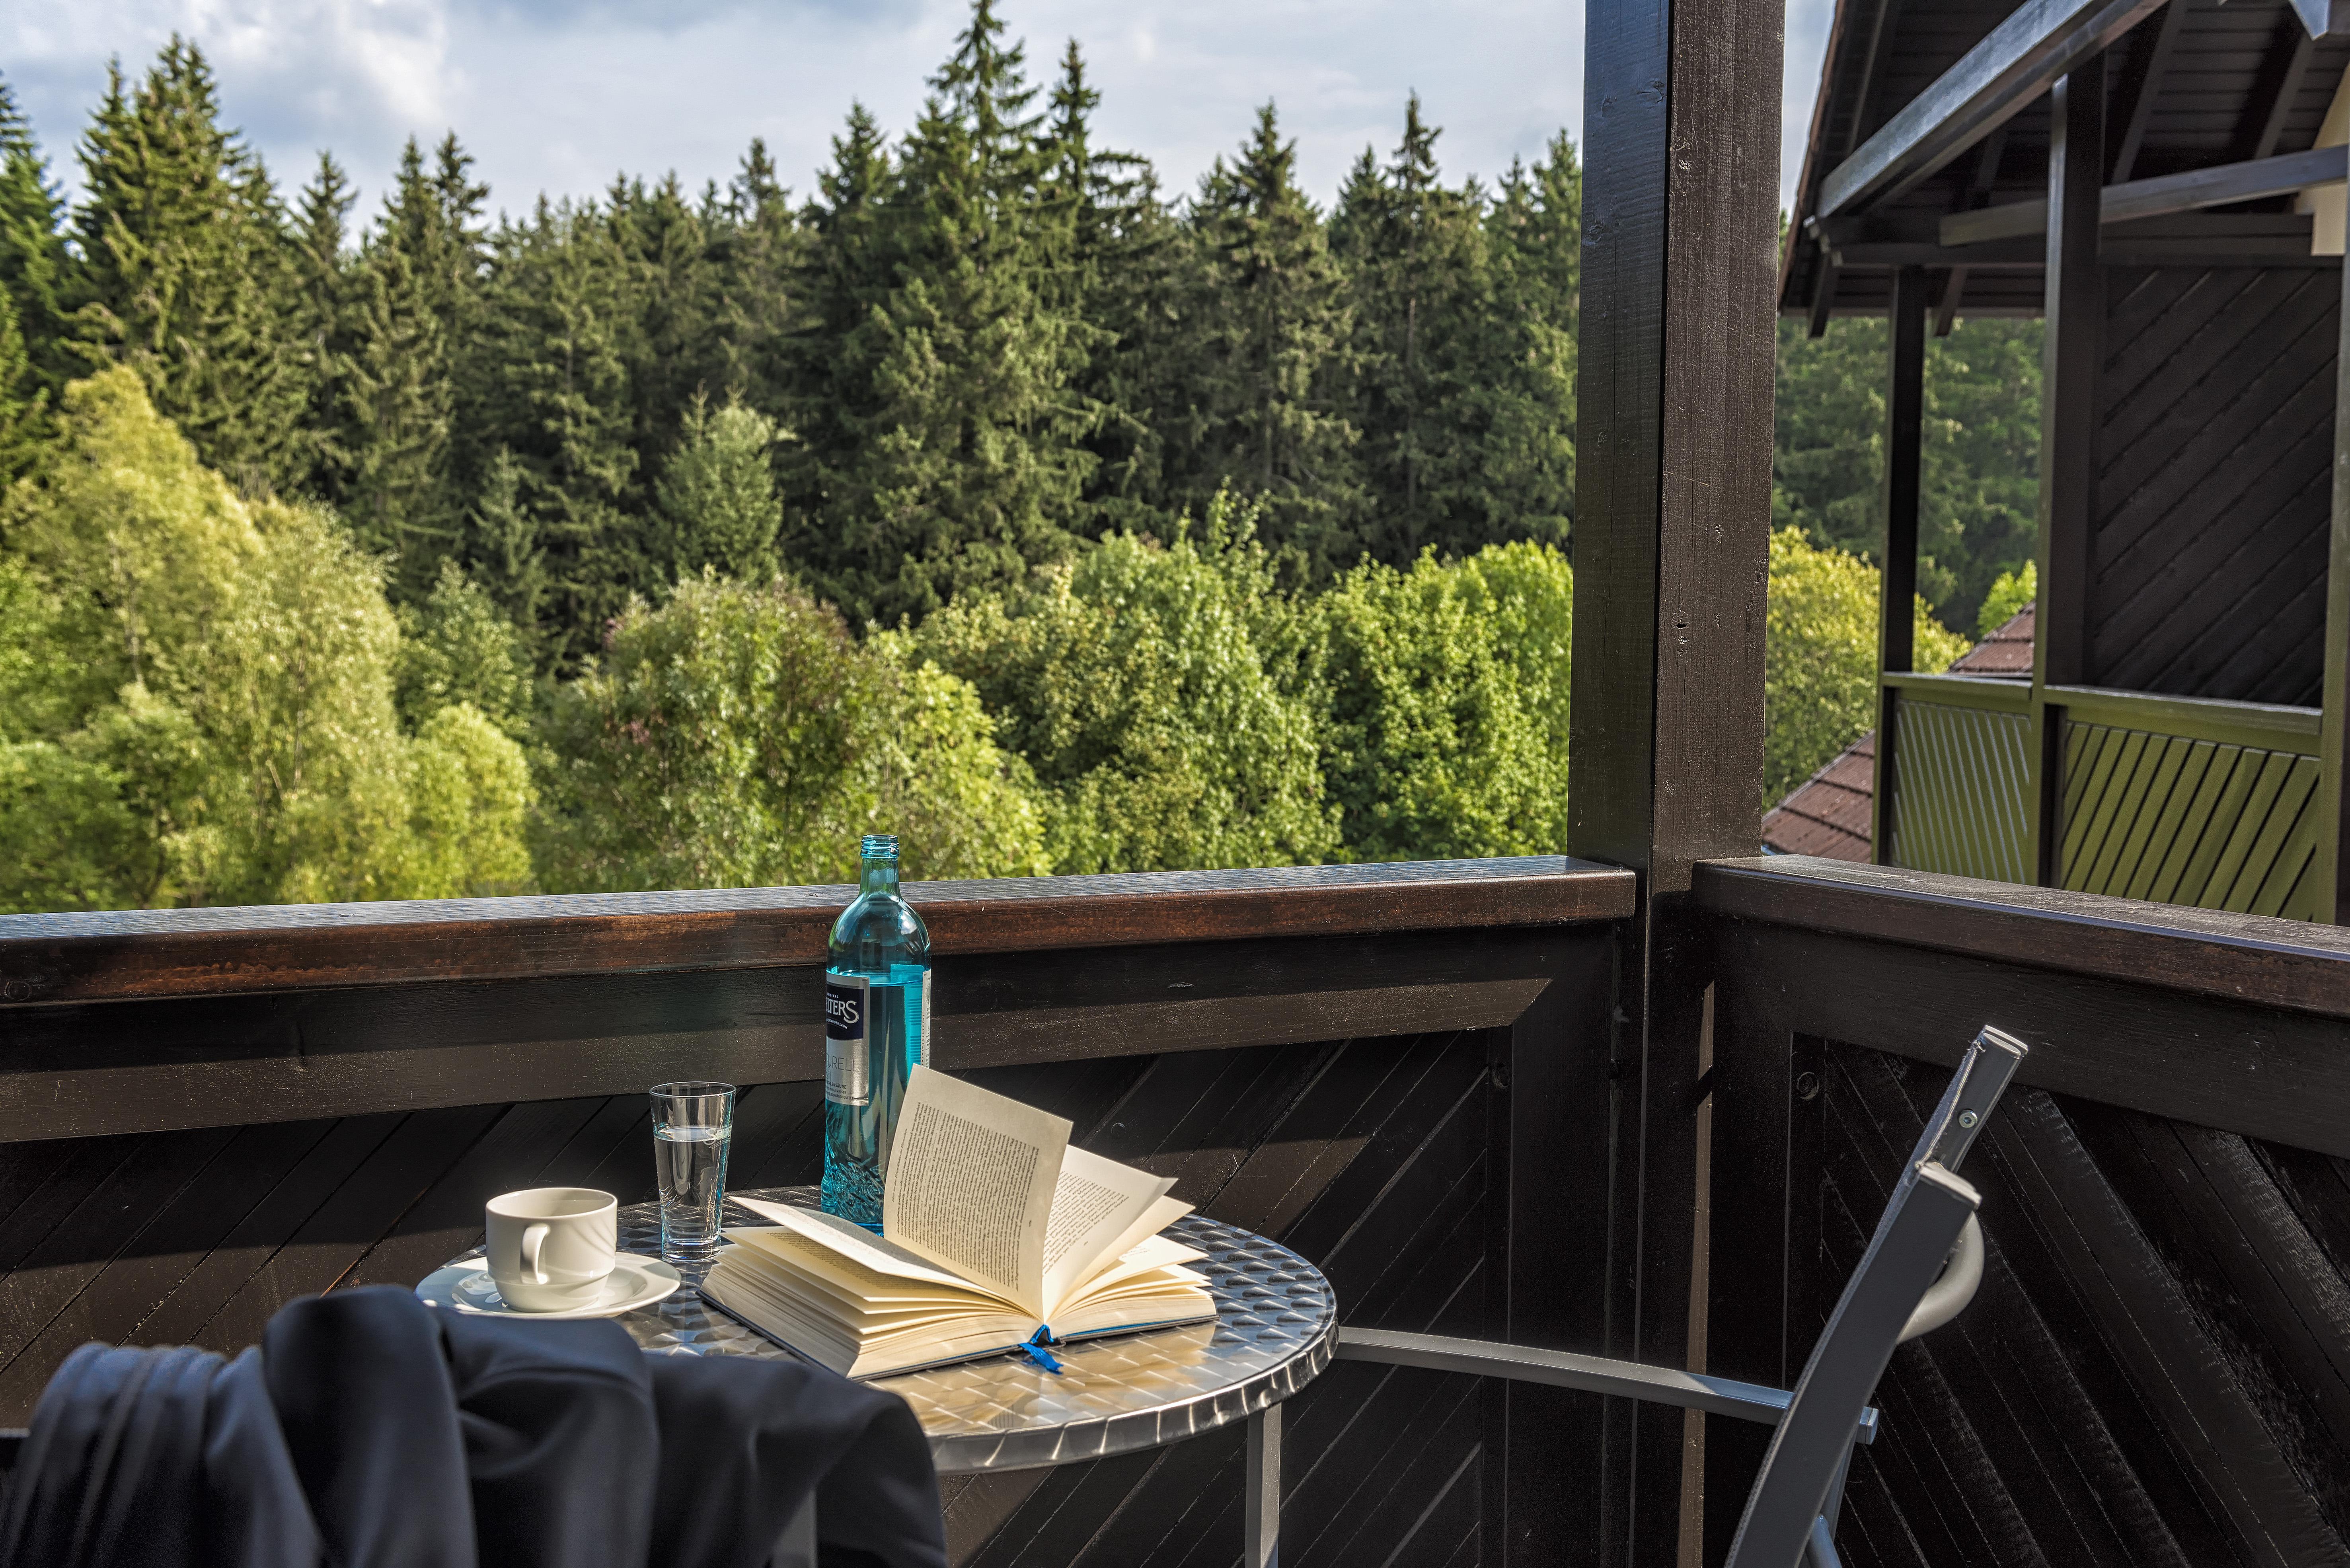 relexa hotel Harz-Wald - Braunlage - Aussicht vom Balkon